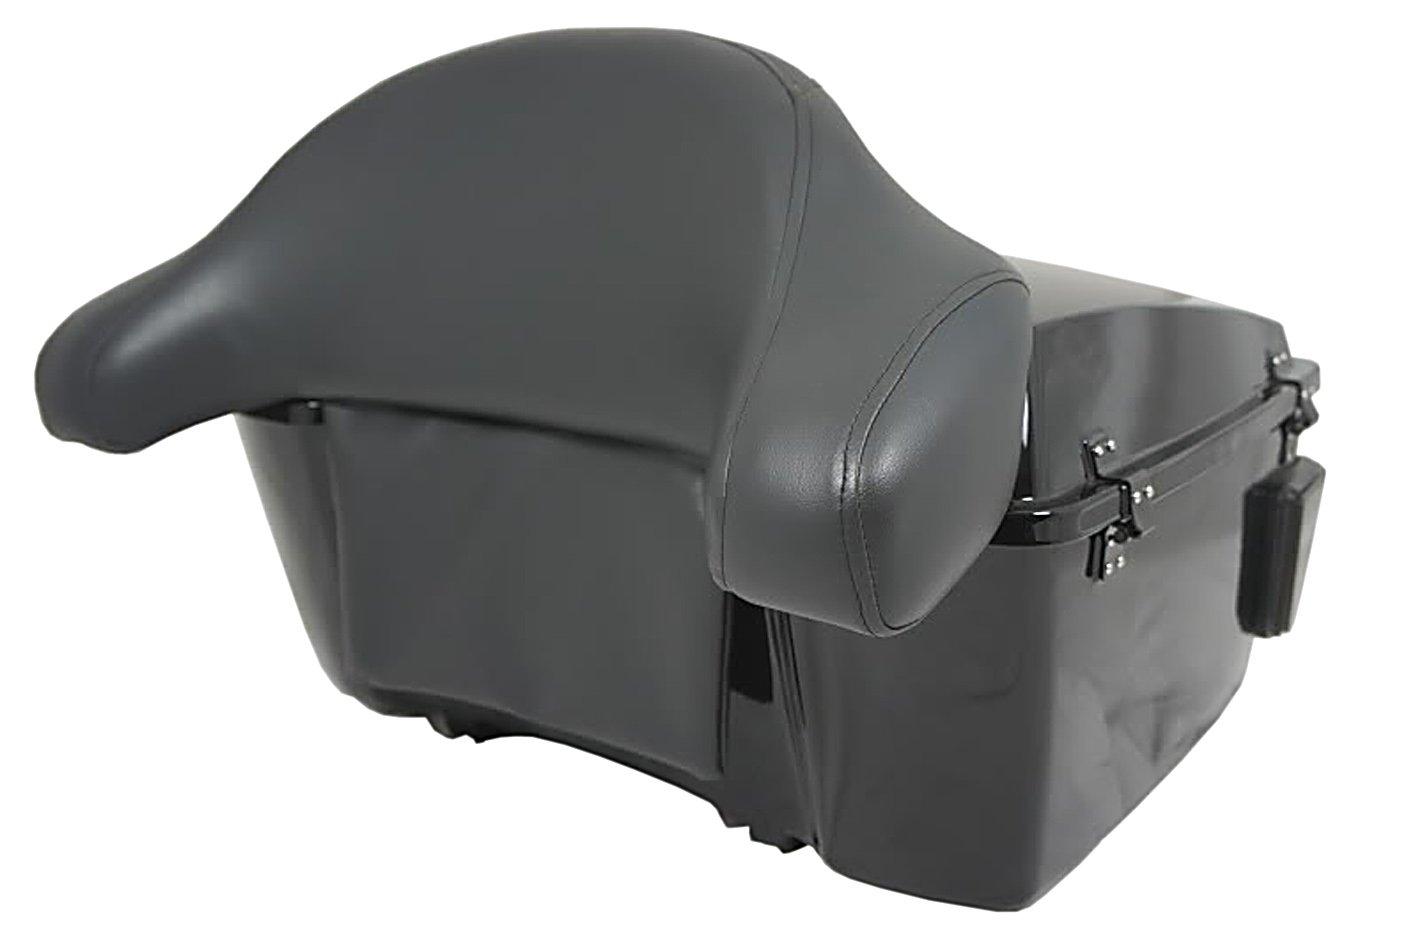 Baul rigido para moto custom de 70 litros de capacidad ...